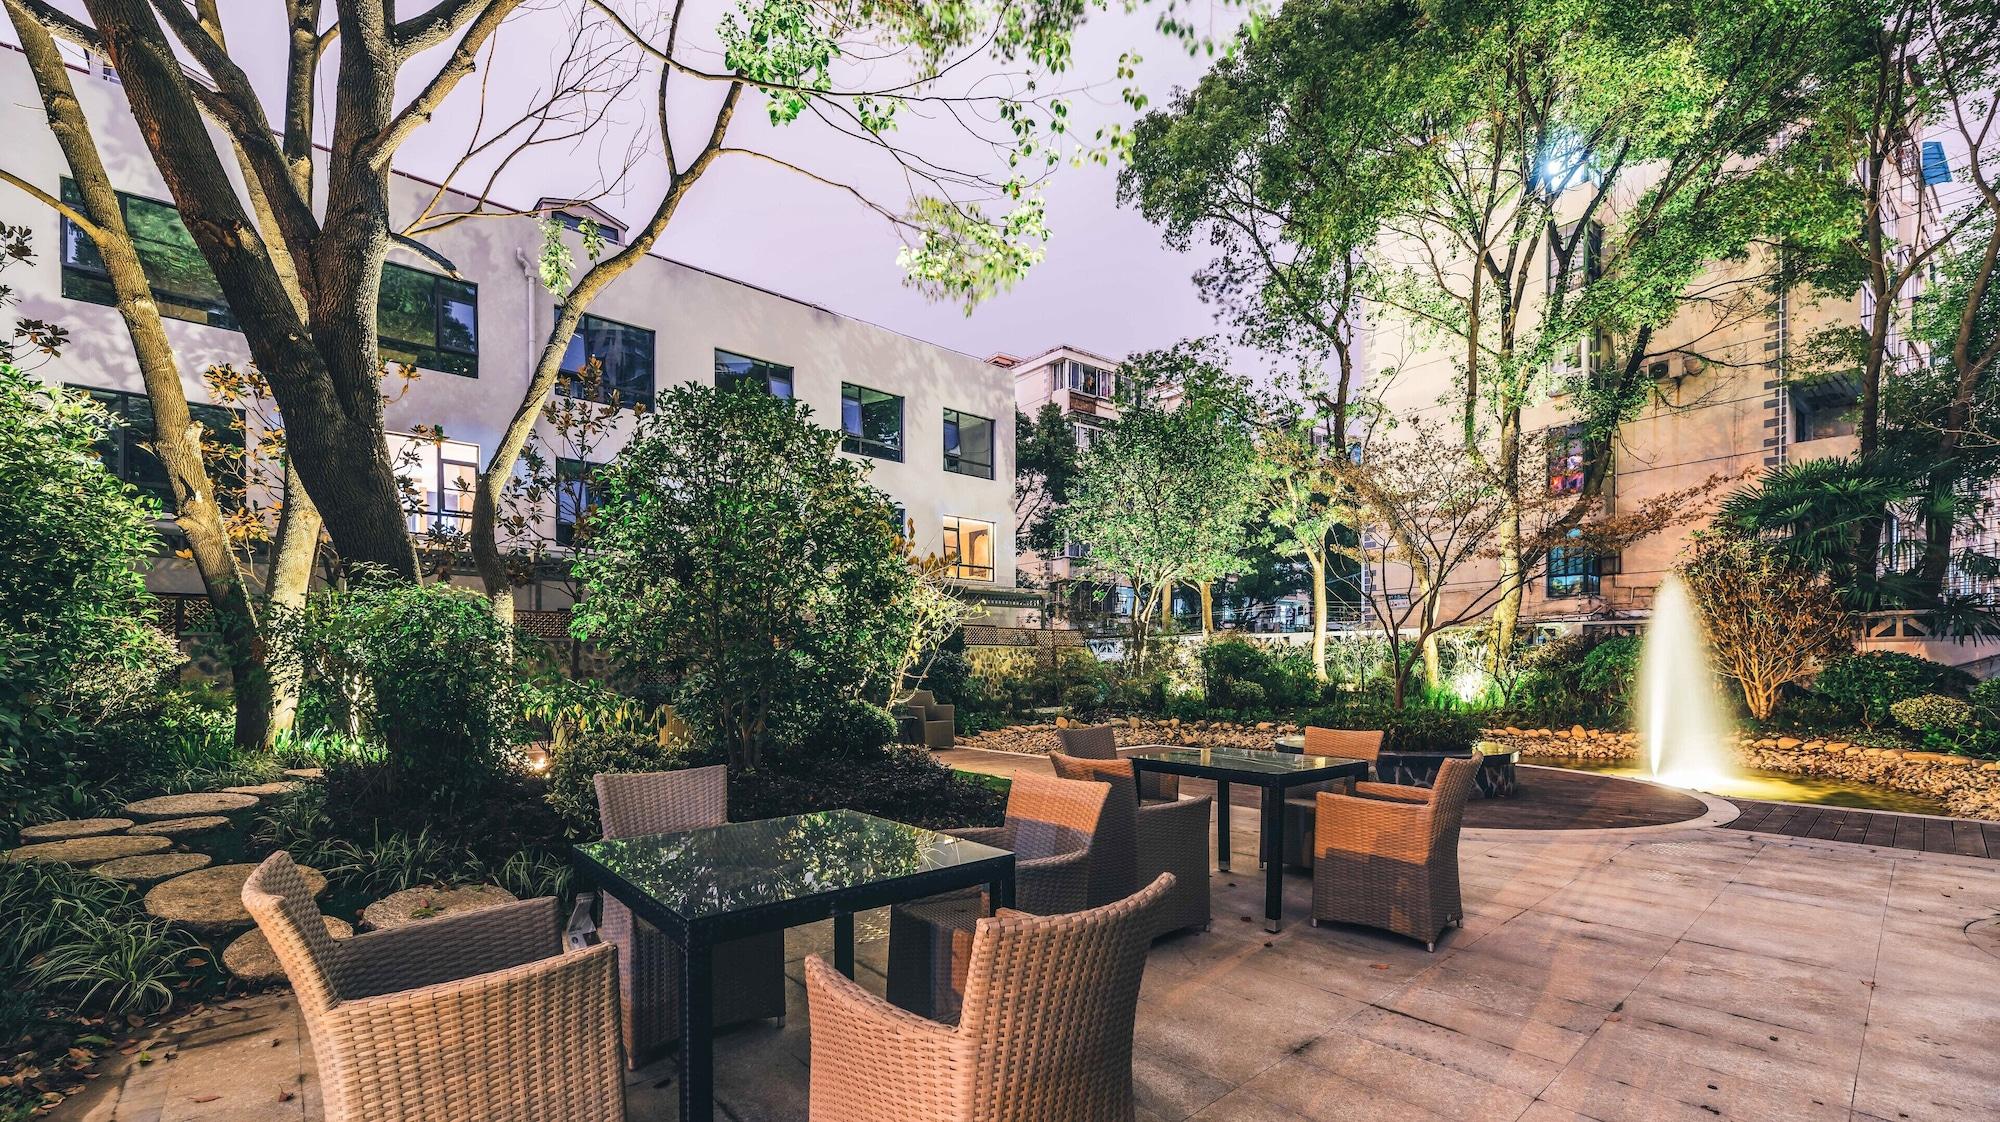 Atour Hotel Zaoyuan Yan'an, Yan'an